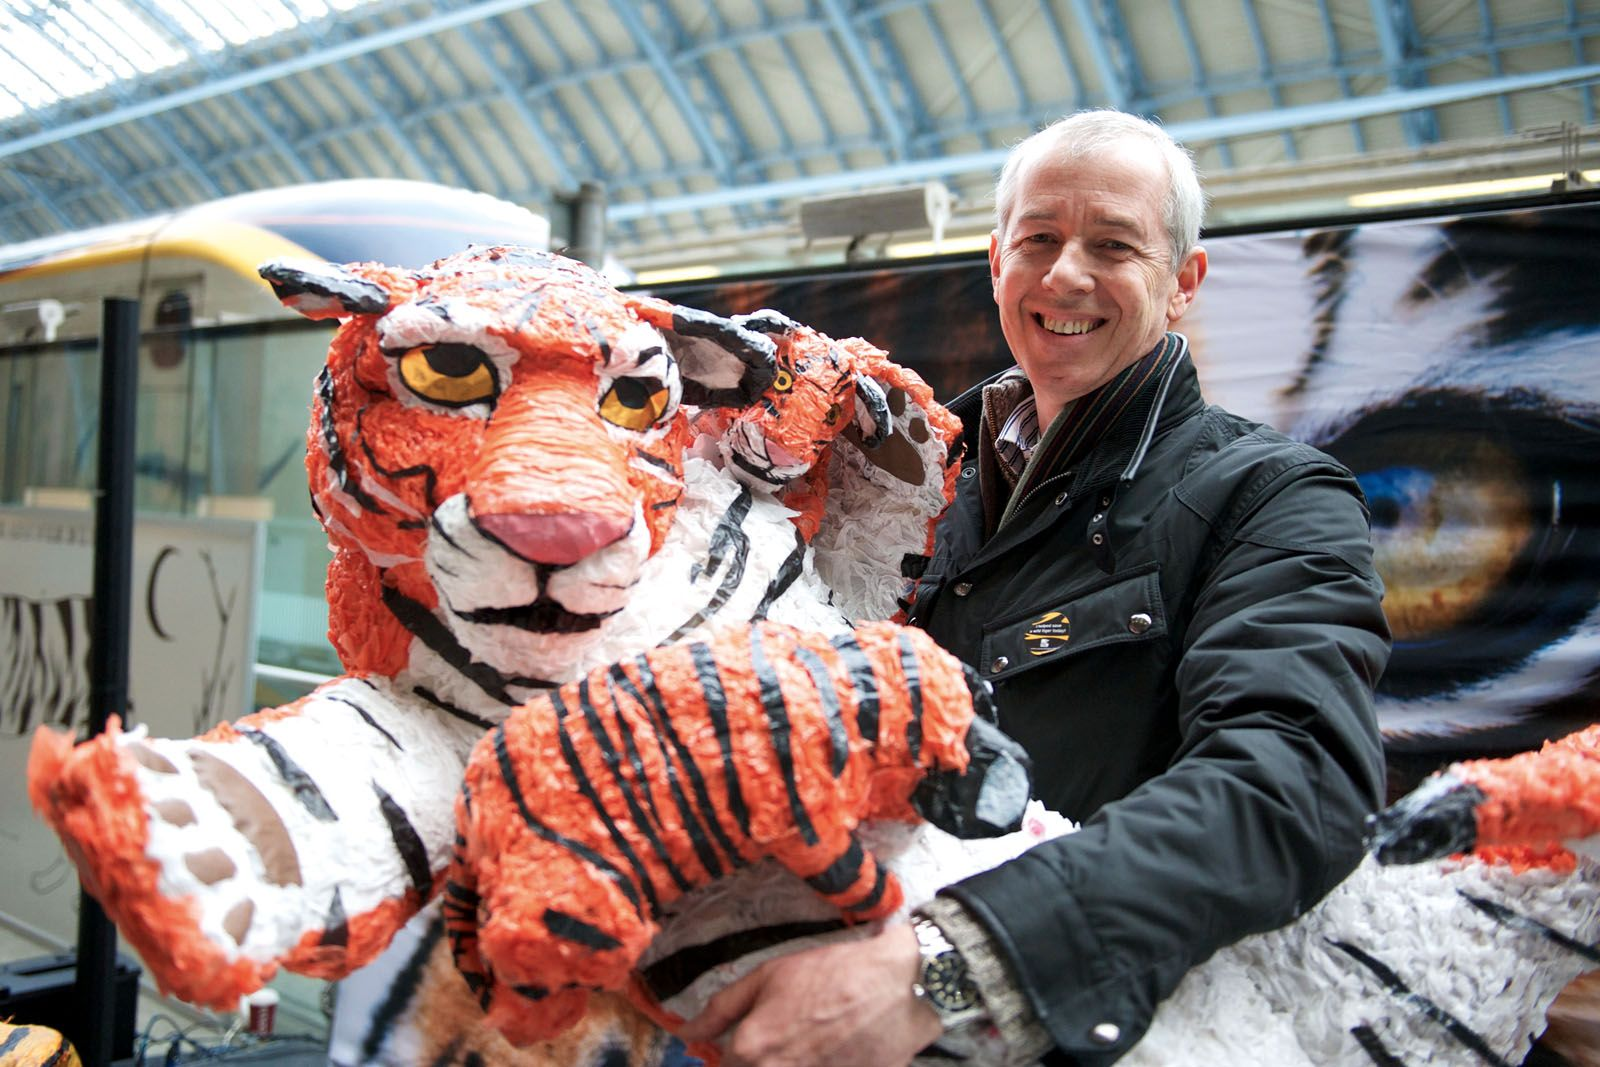 Save Wild Tigers founder Simon Clinton